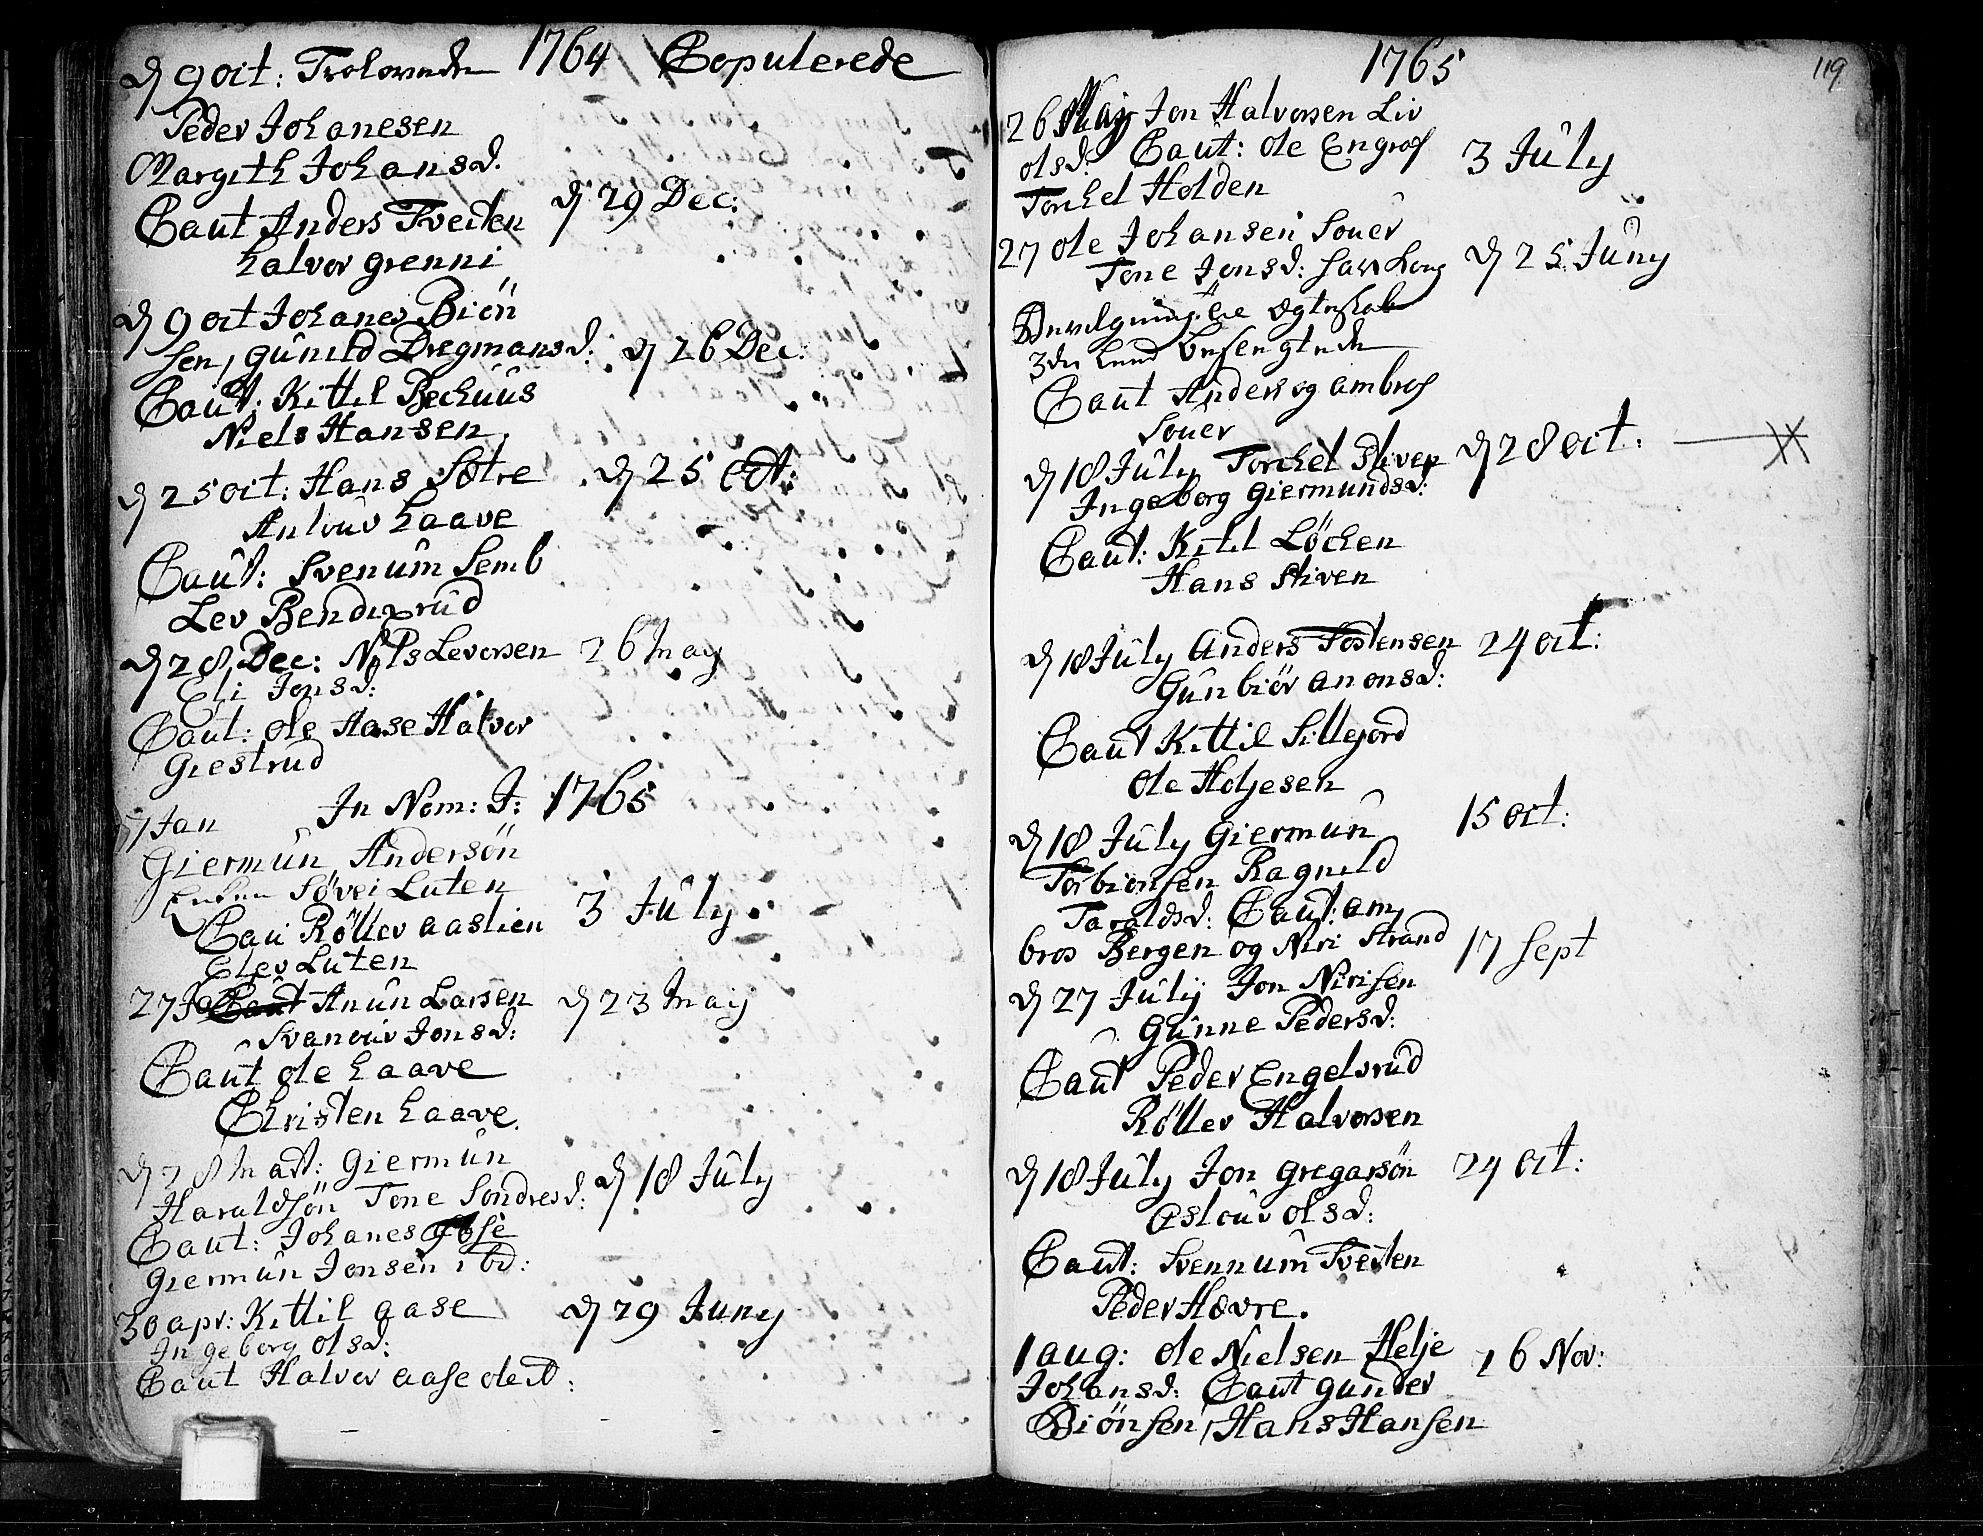 SAKO, Heddal kirkebøker, F/Fa/L0003: Ministerialbok nr. I 3, 1723-1783, s. 119